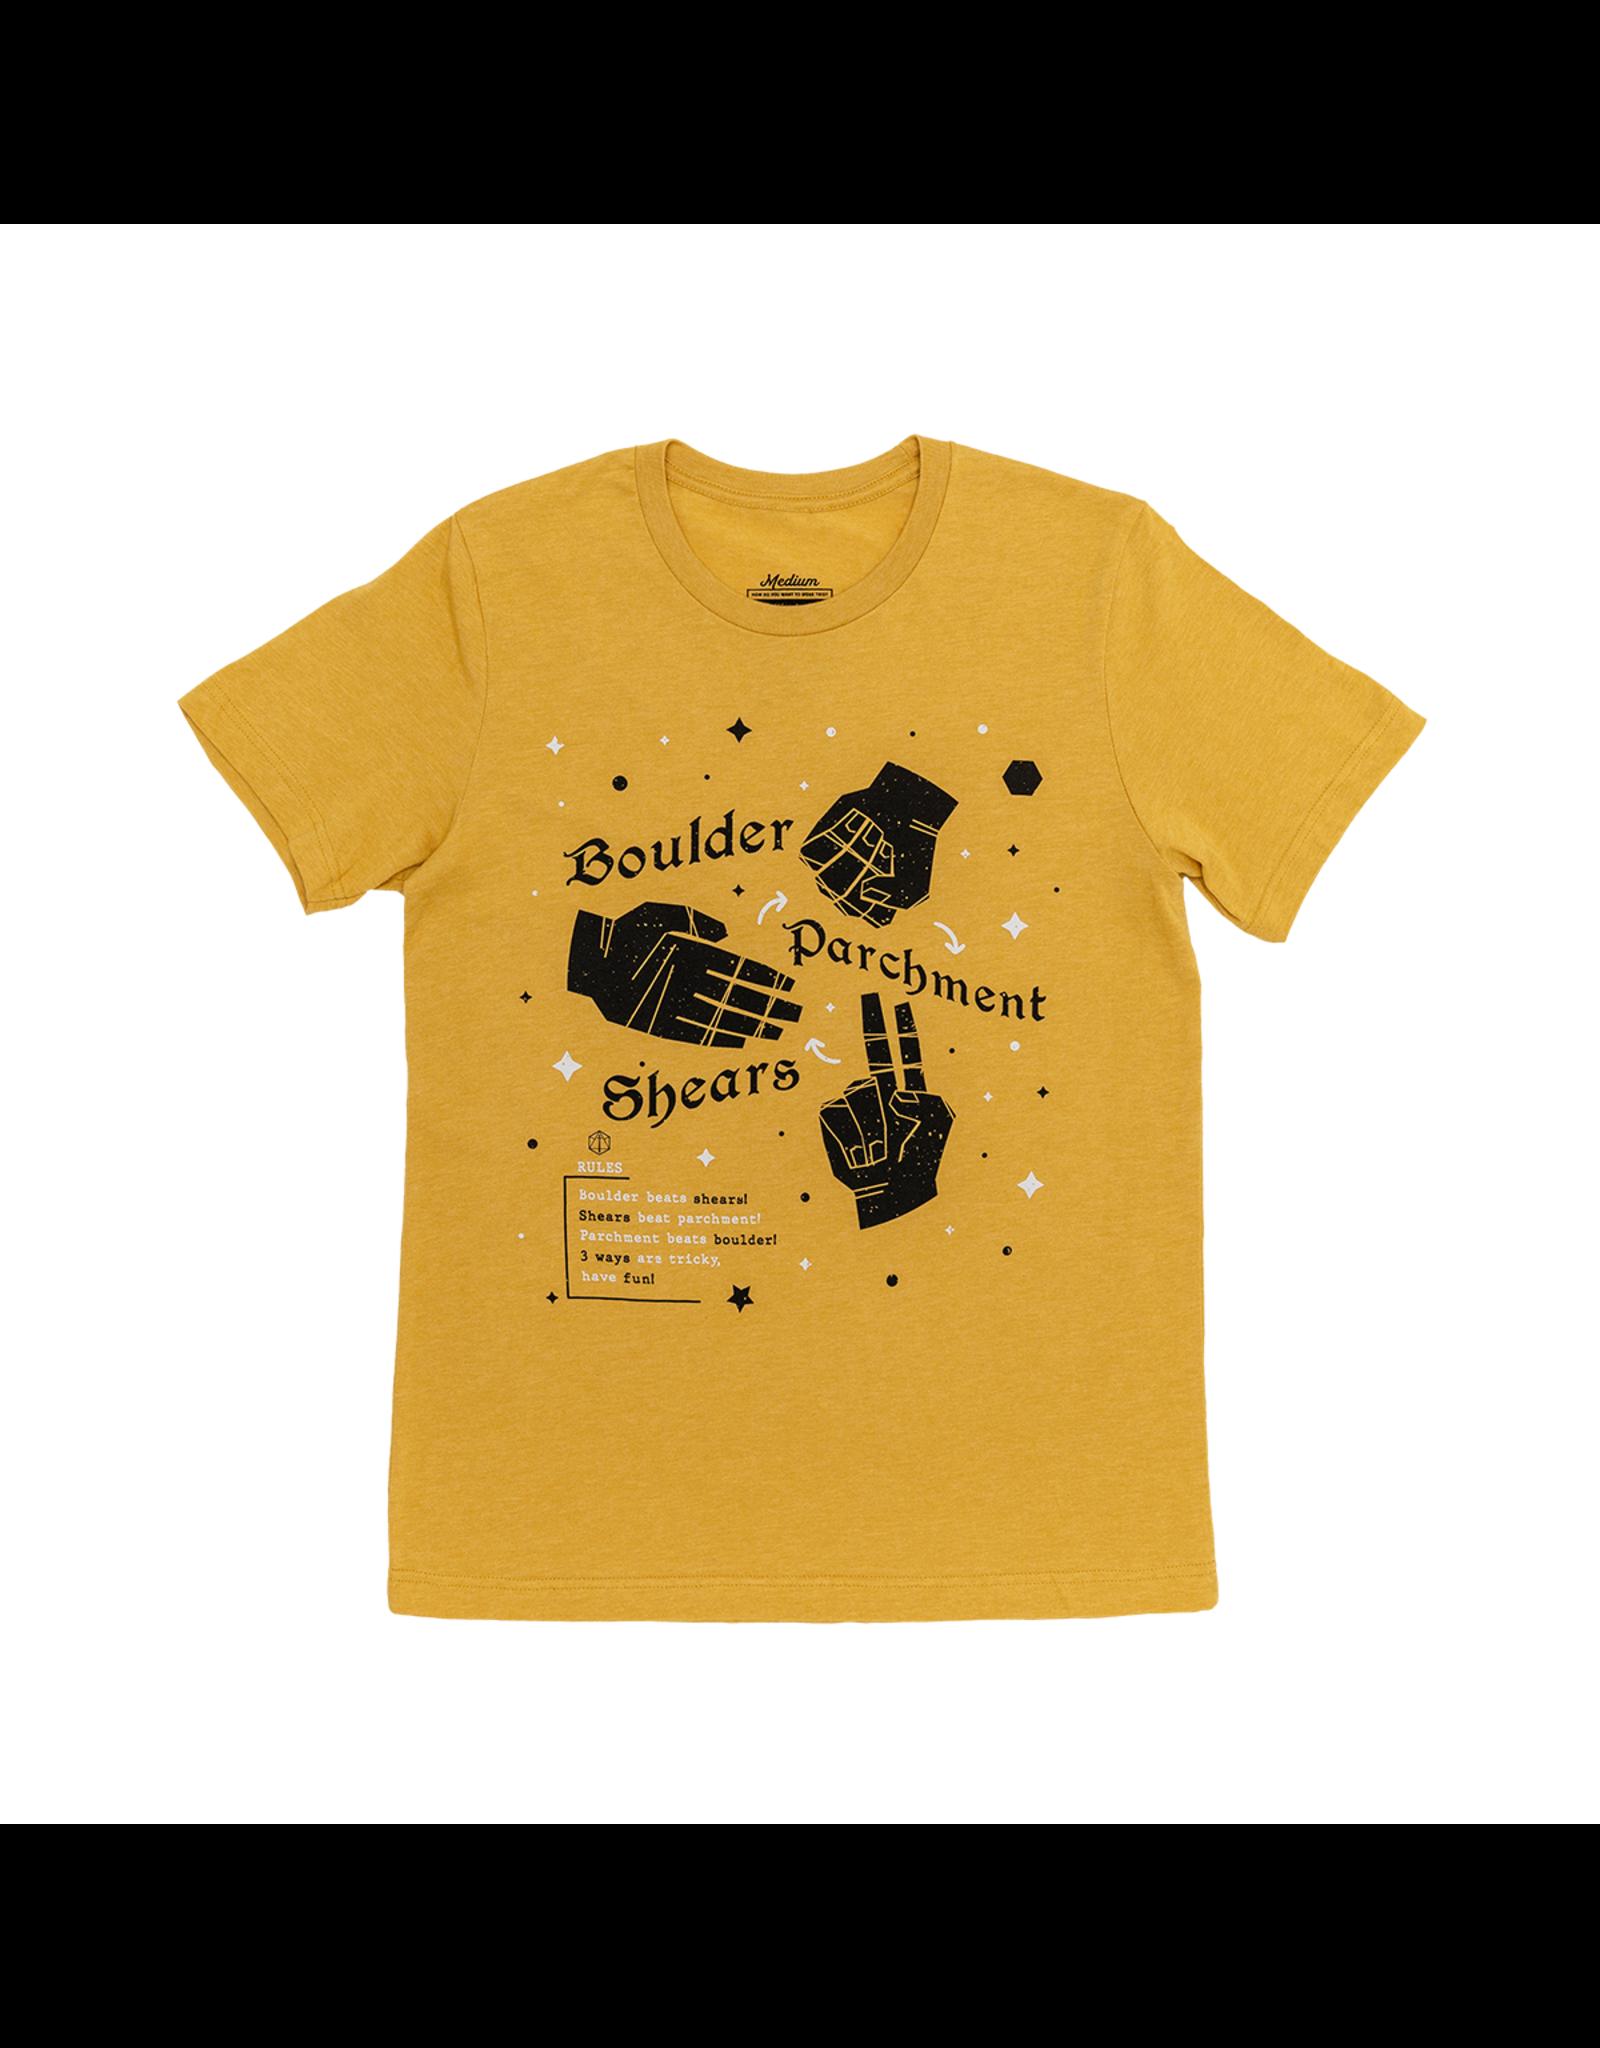 Boulder Parchment Shears T-Shirt (Medium)